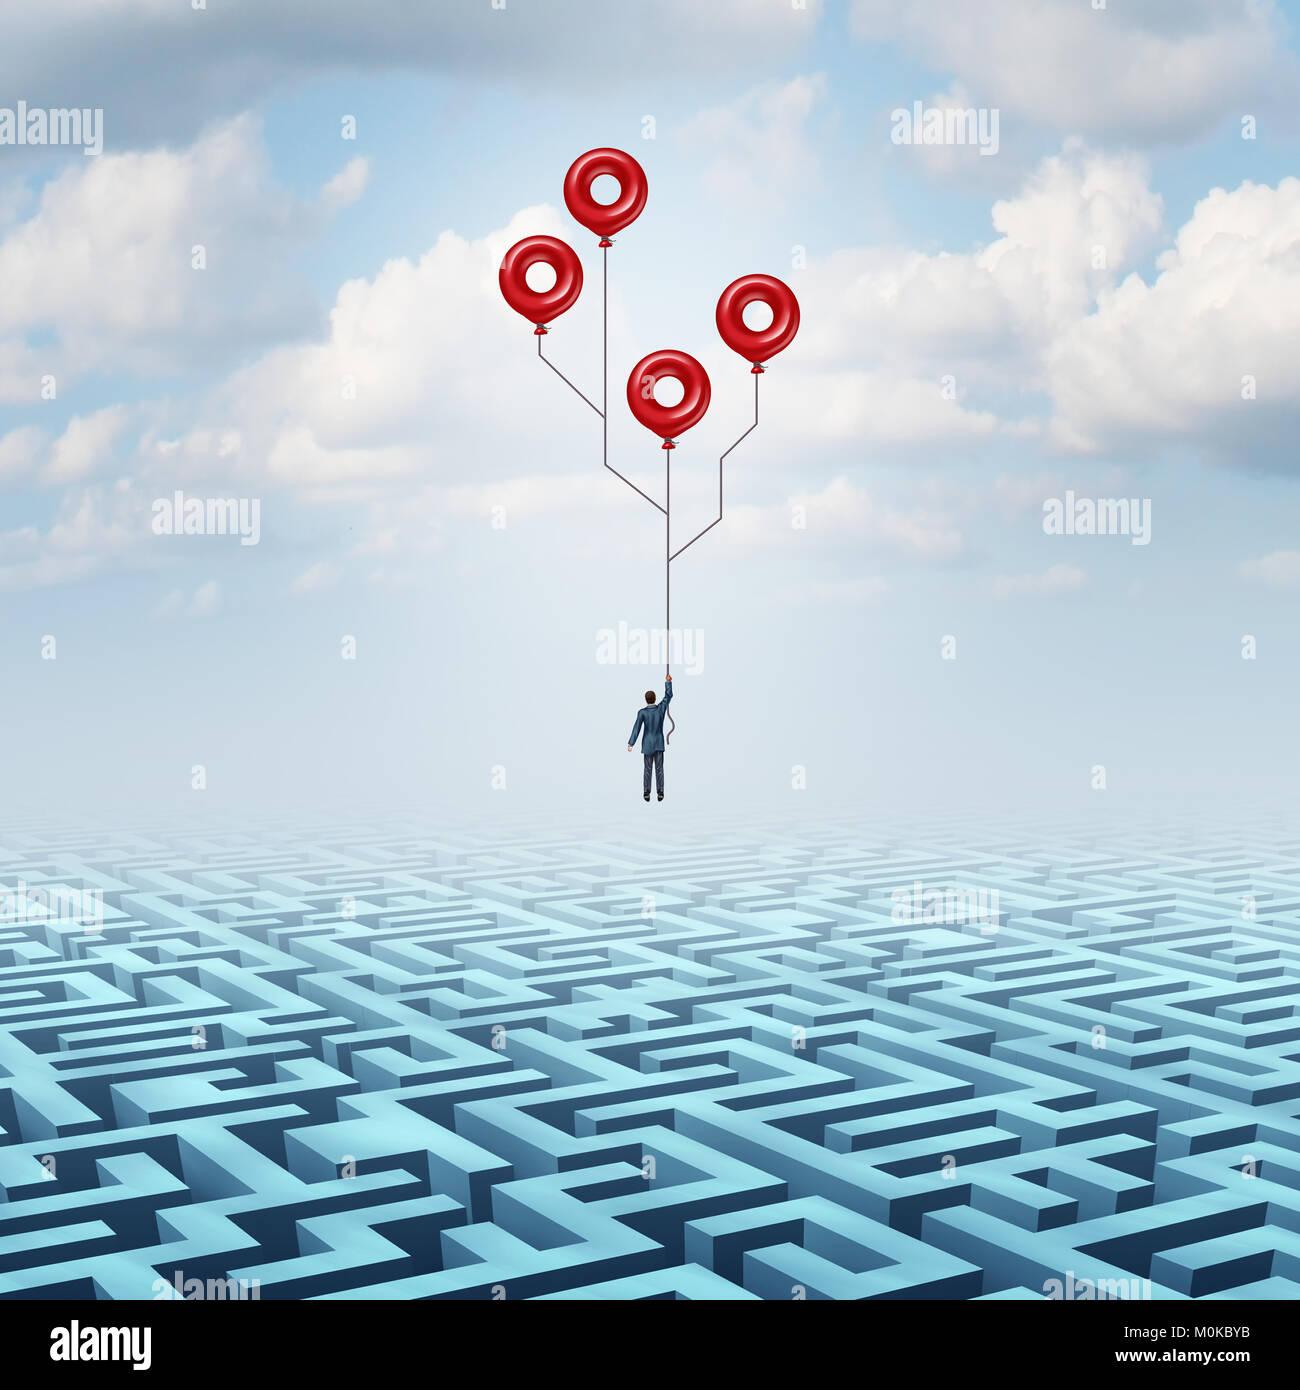 Solución de tecnología y innovación de alta tecnología metáfora empresarial como empresario Imagen De Stock